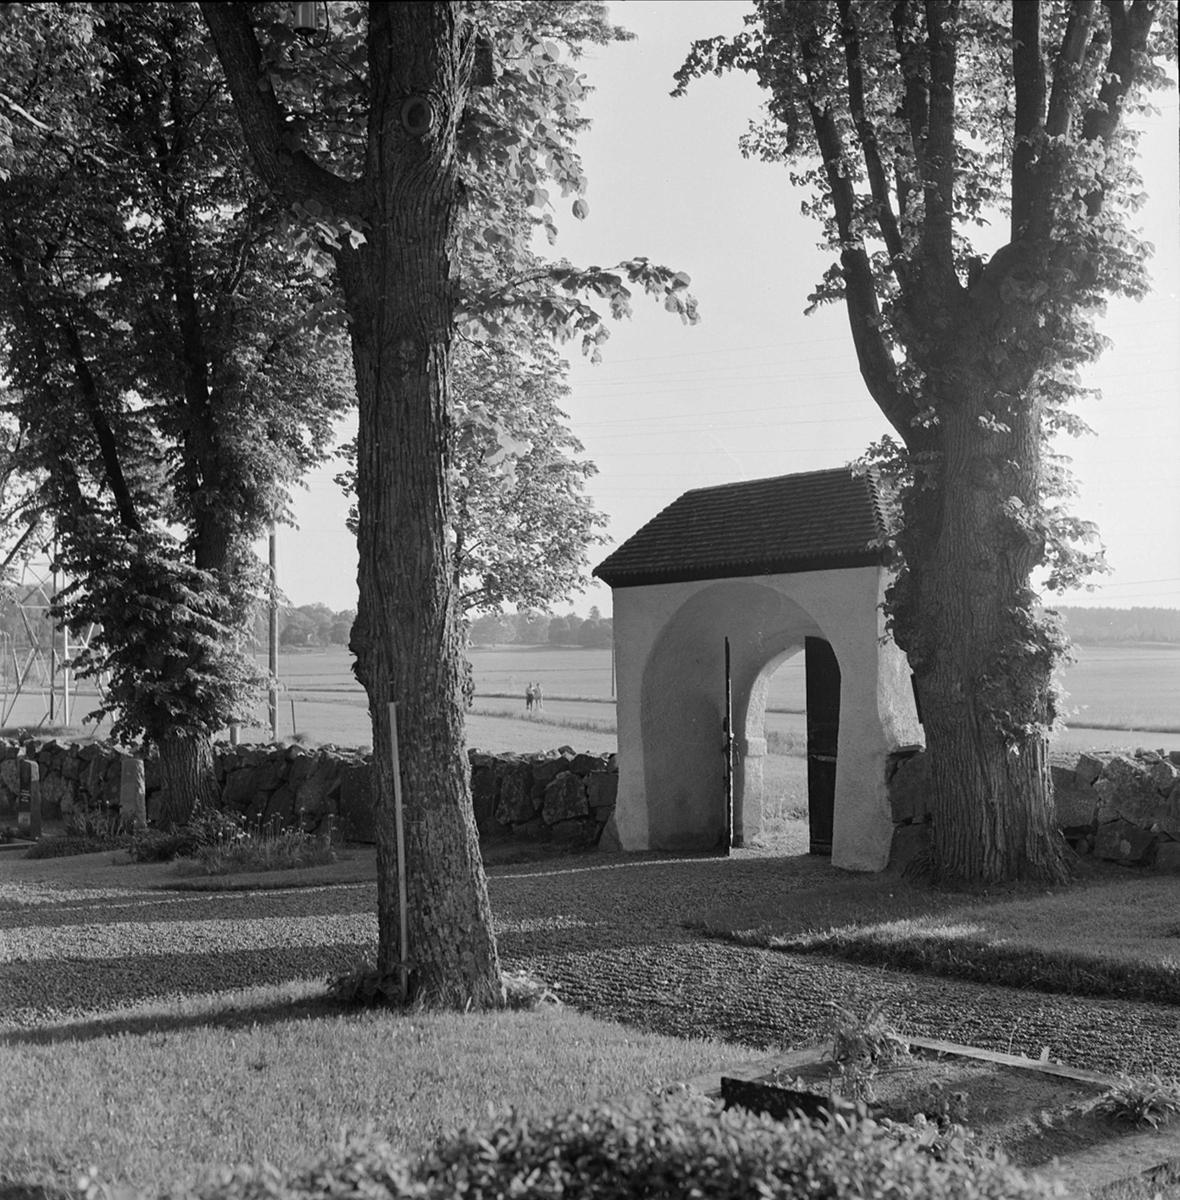 Stiglucka vid Svinnegarns kyrka, Svinnegarns socken, Uppland 1960